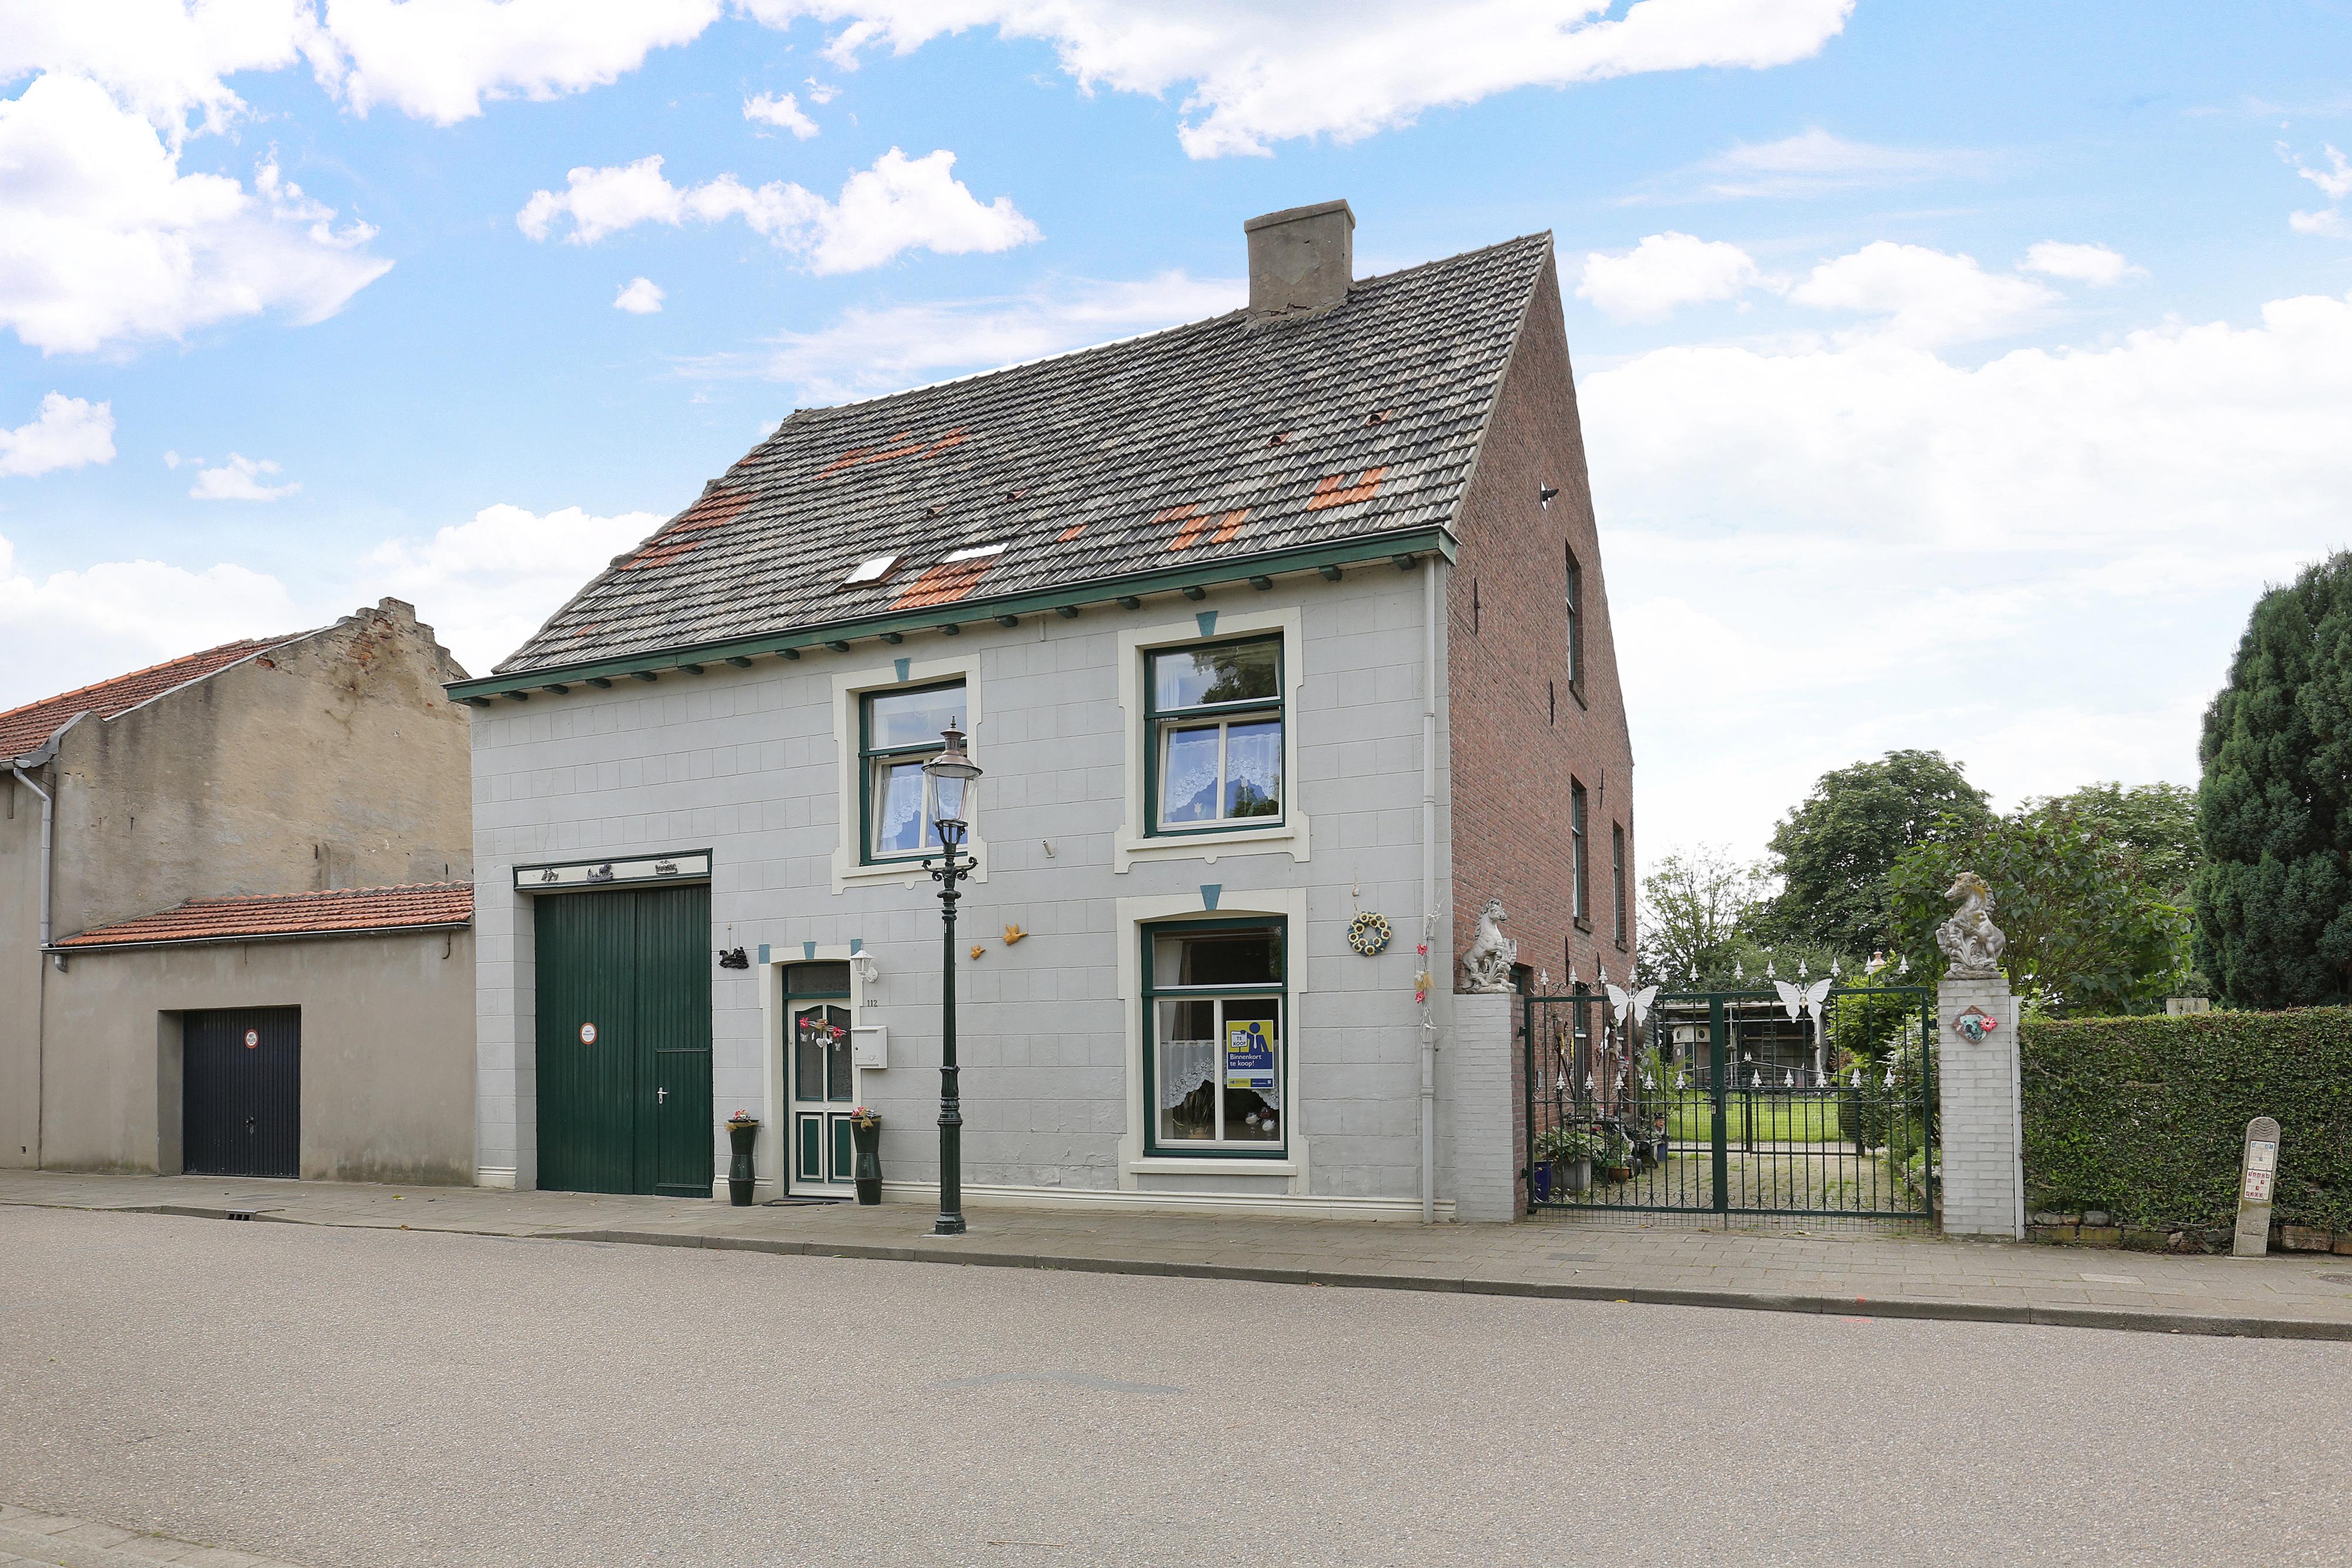 Te koop: Voorstad Sint Jacob 112, Roermond - Hendriks Makelaardij